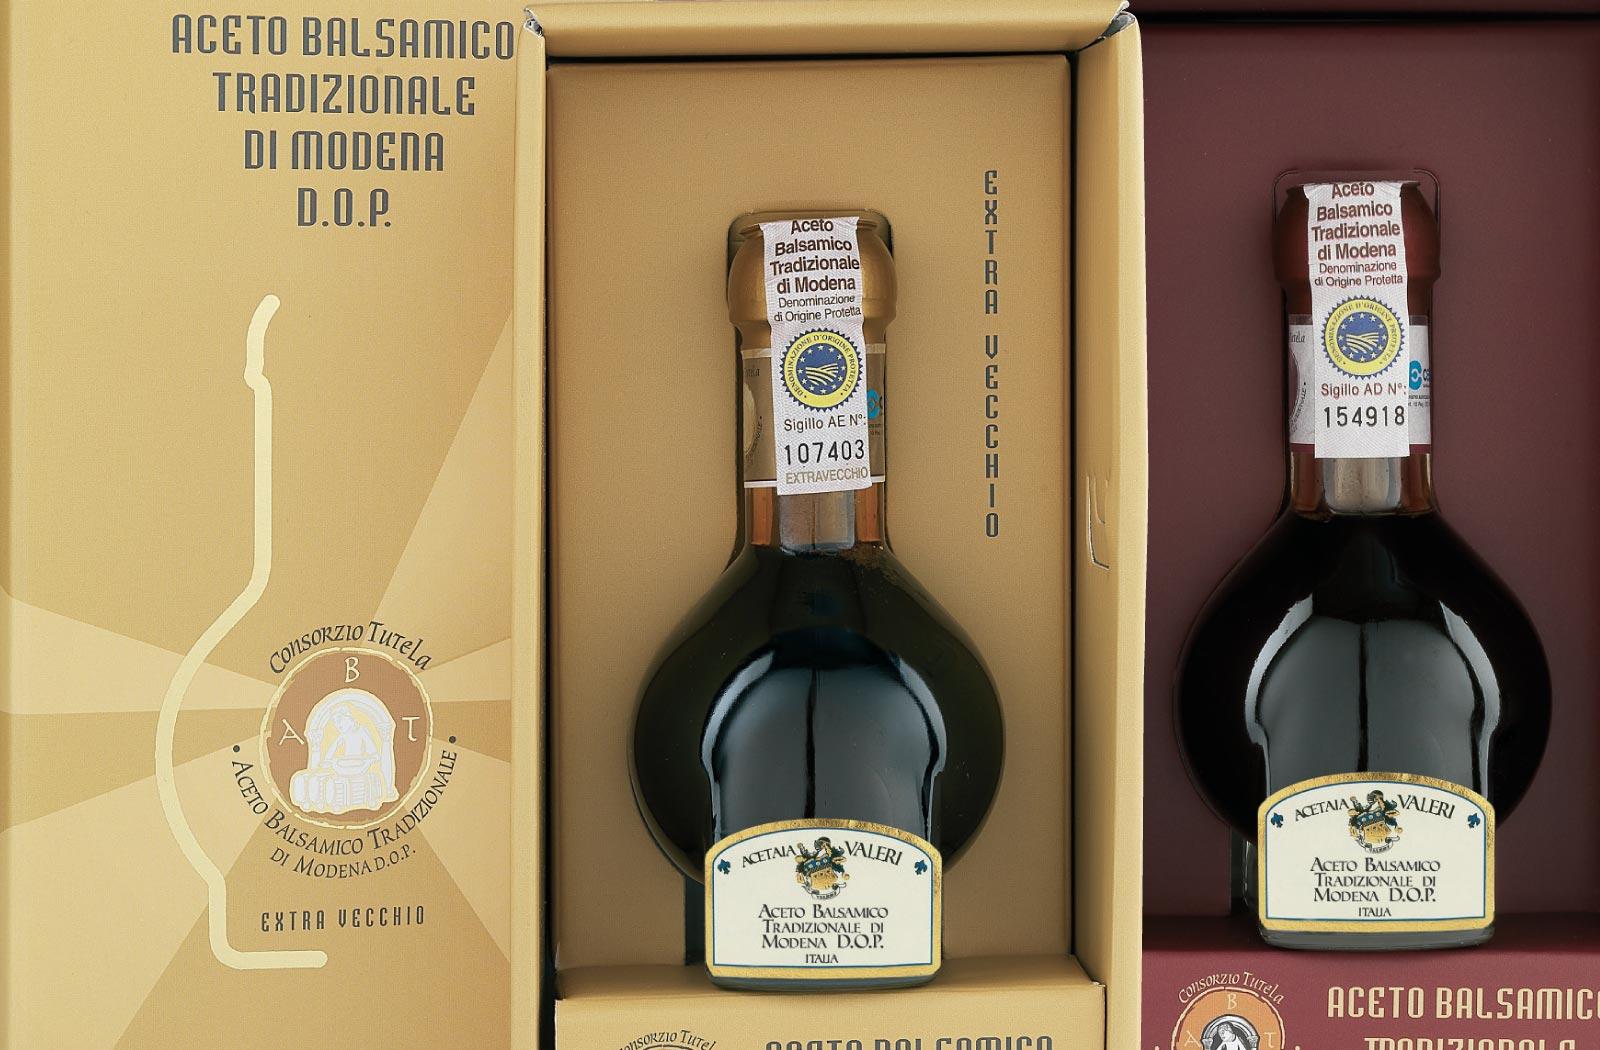 Vinagre balsámico tradicional de Módena afilado con piedra 12 y 25 años